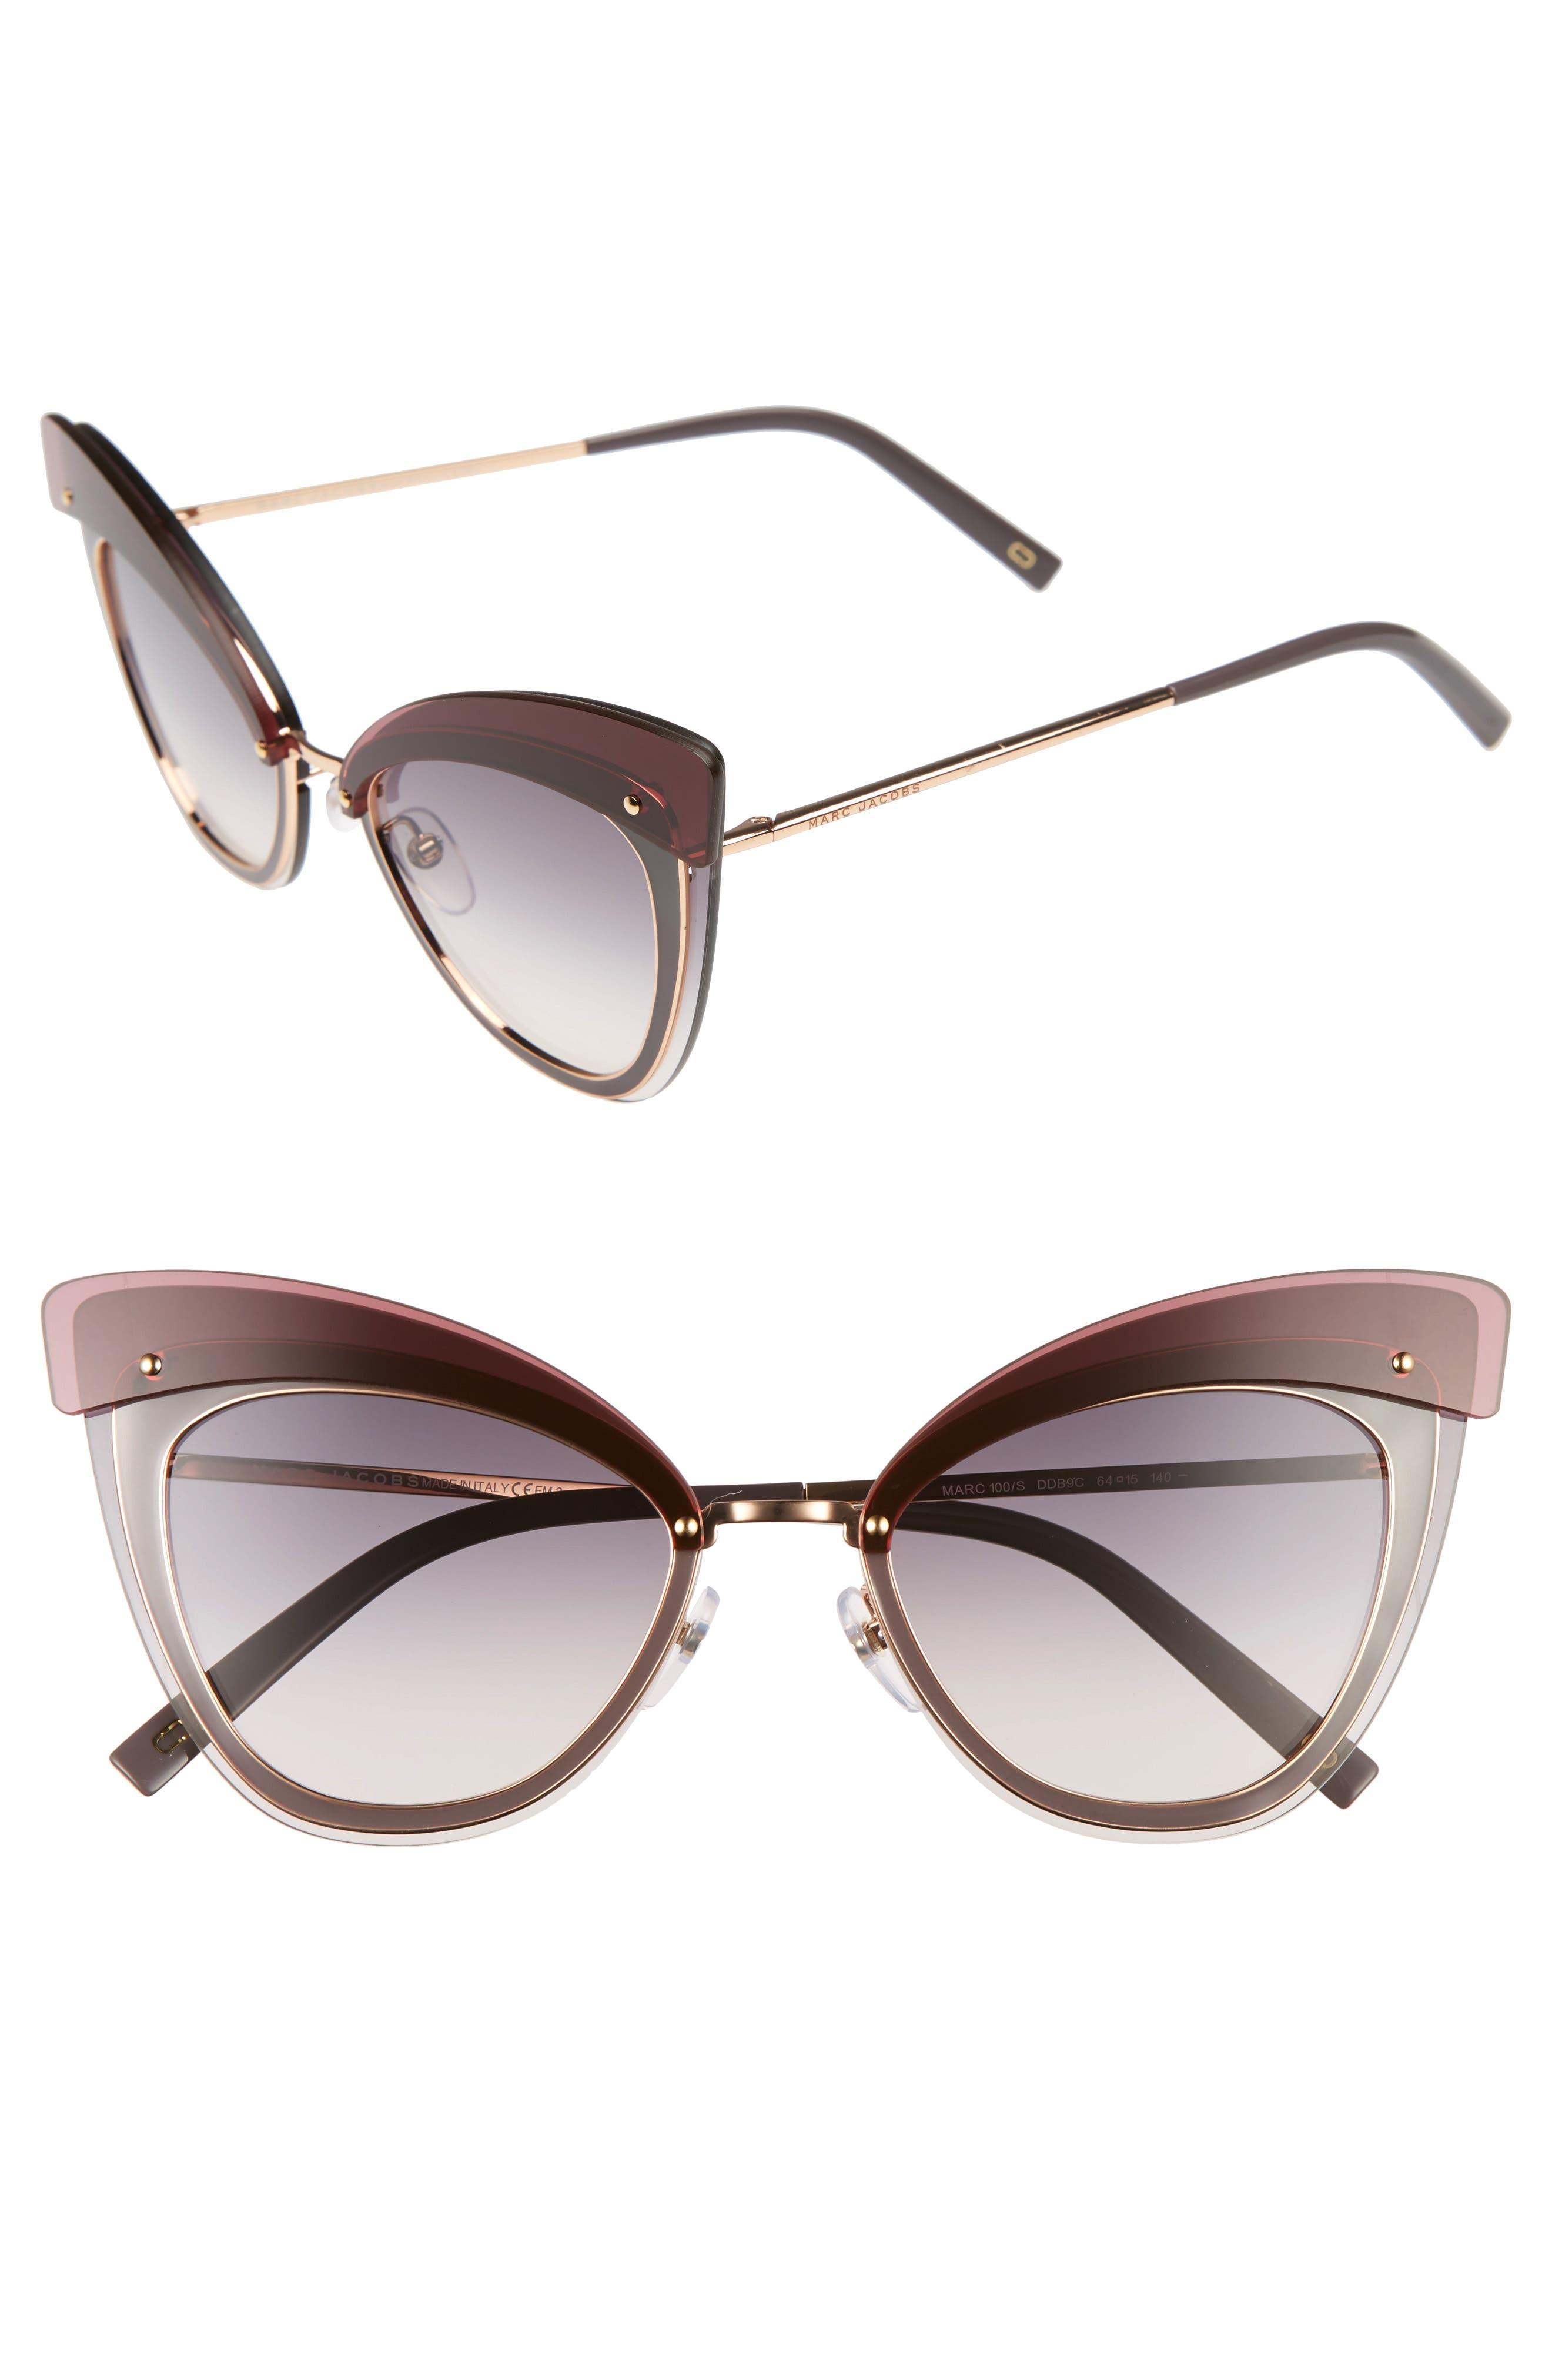 64mm Sunglasses,                         Main,                         color, Gold Copper